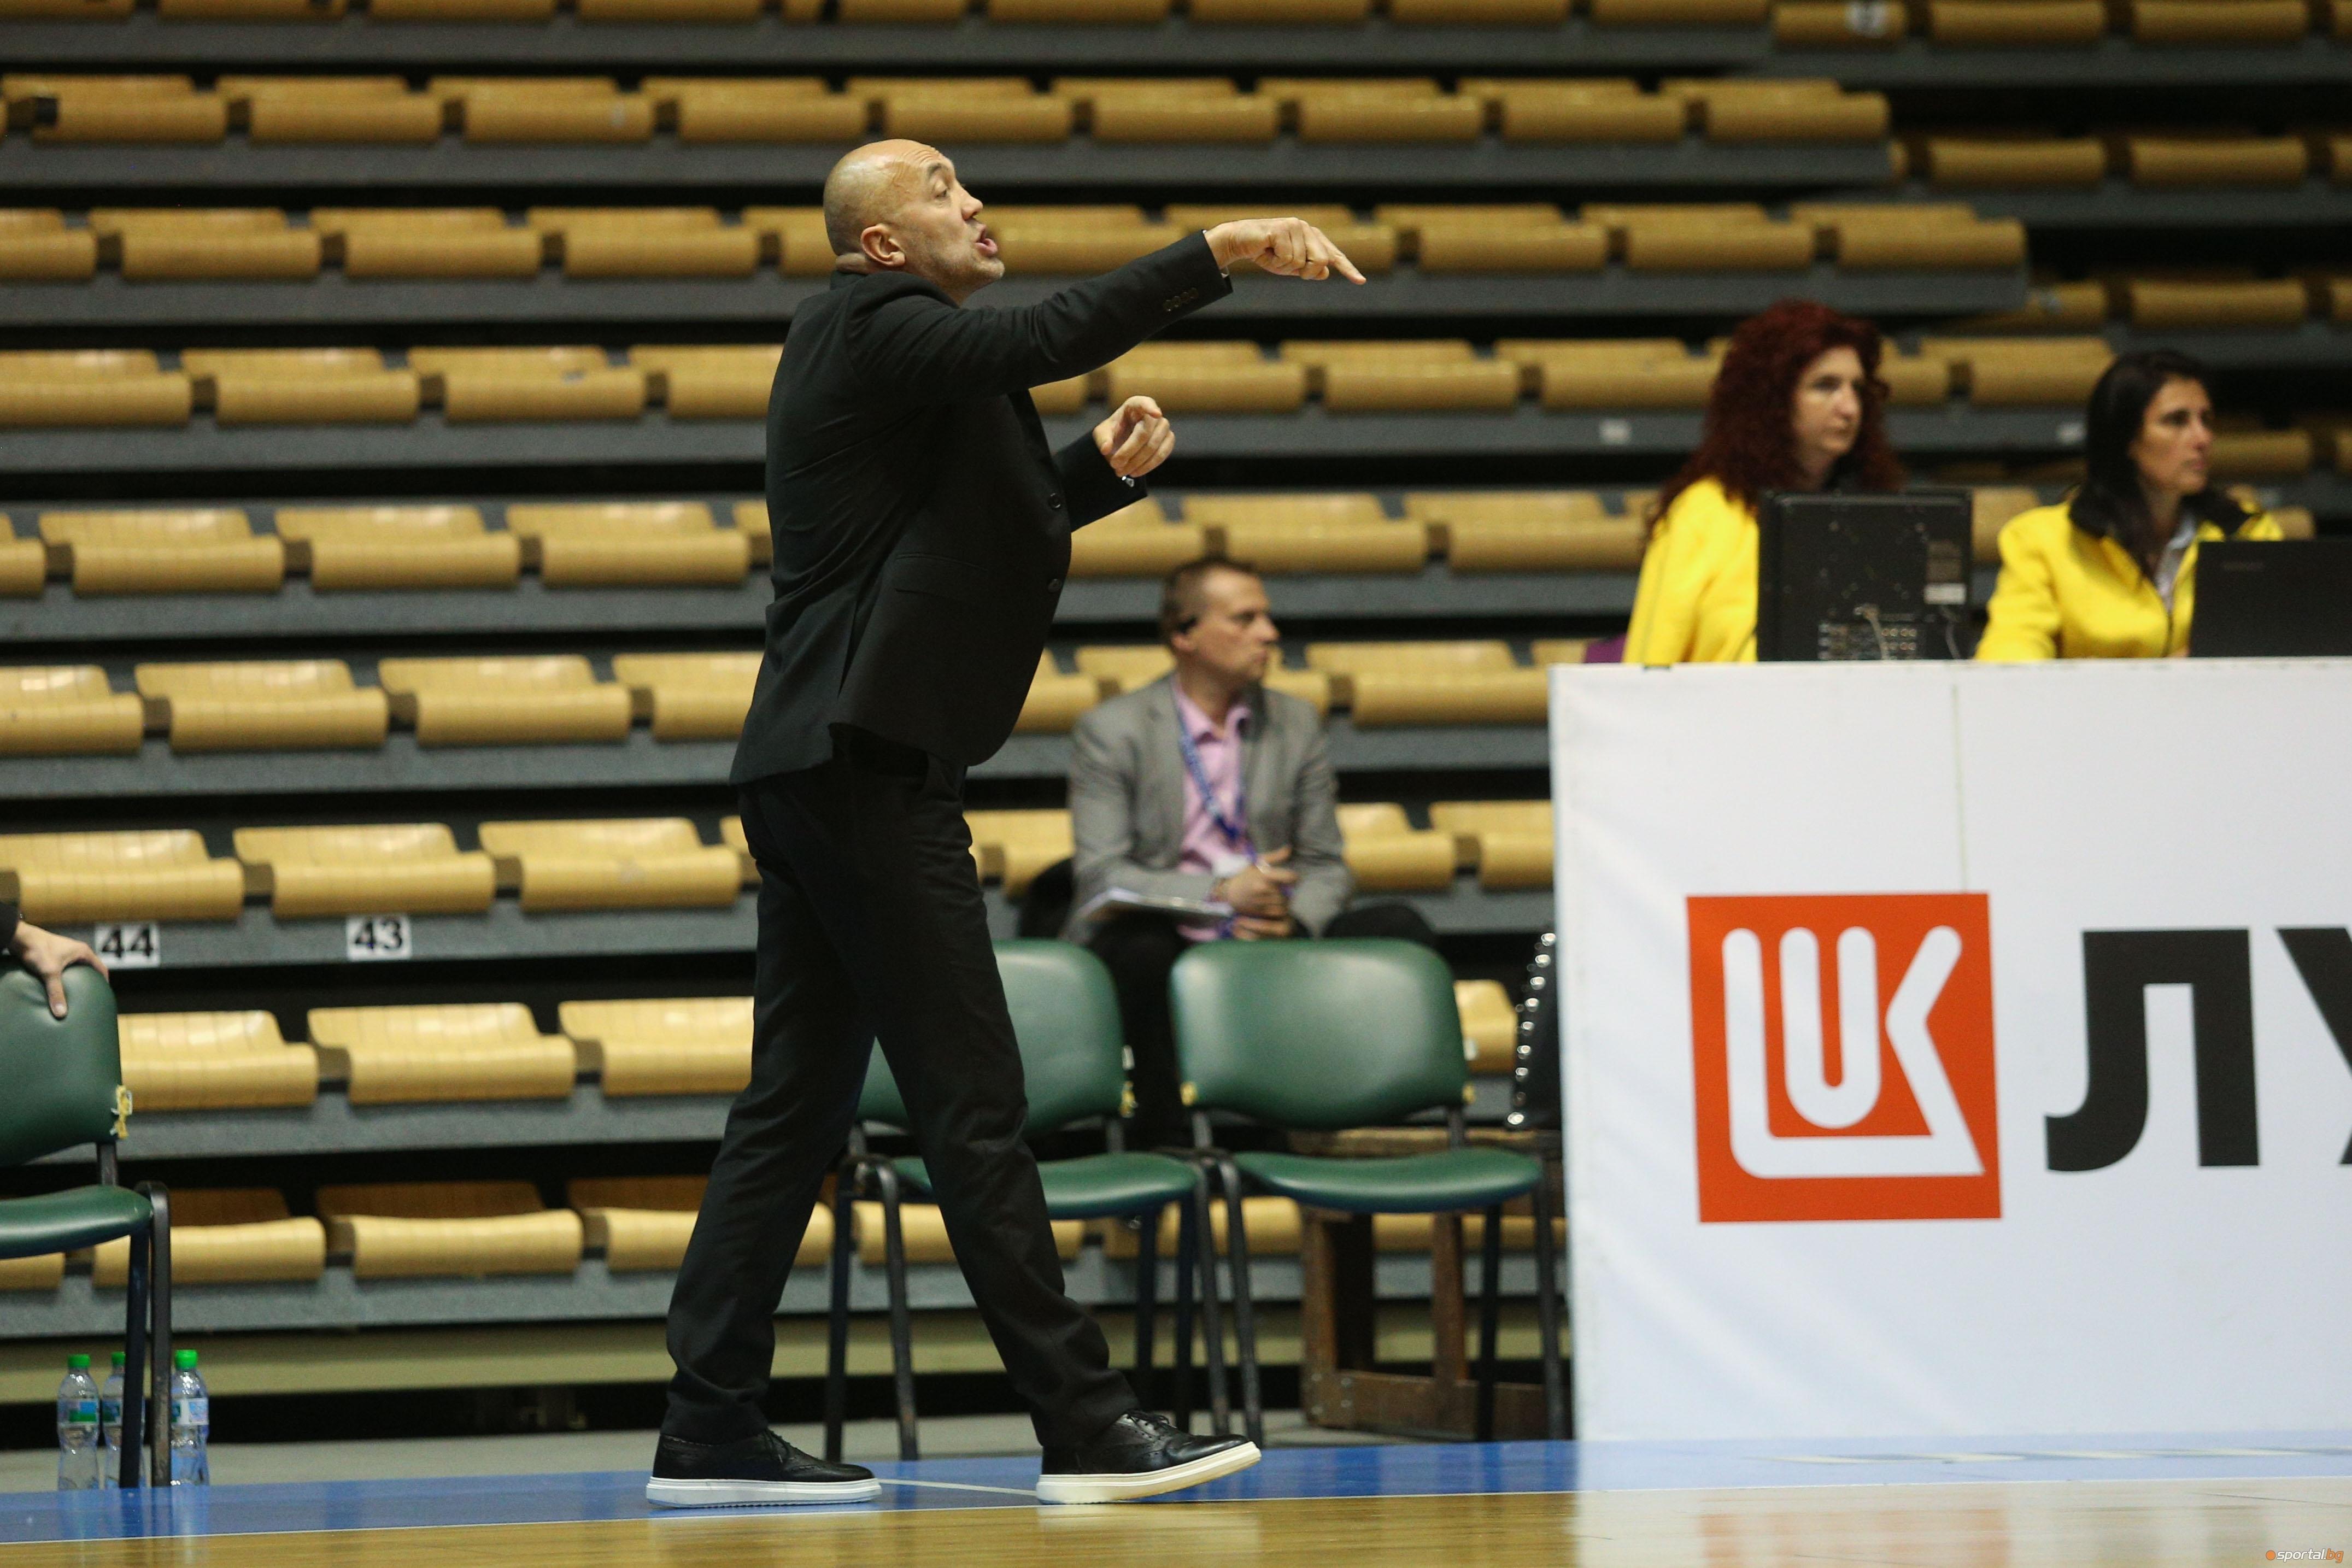 Старши-треньорът на Балкан (Ботевград) Небойша Видич реши да спести коментарите